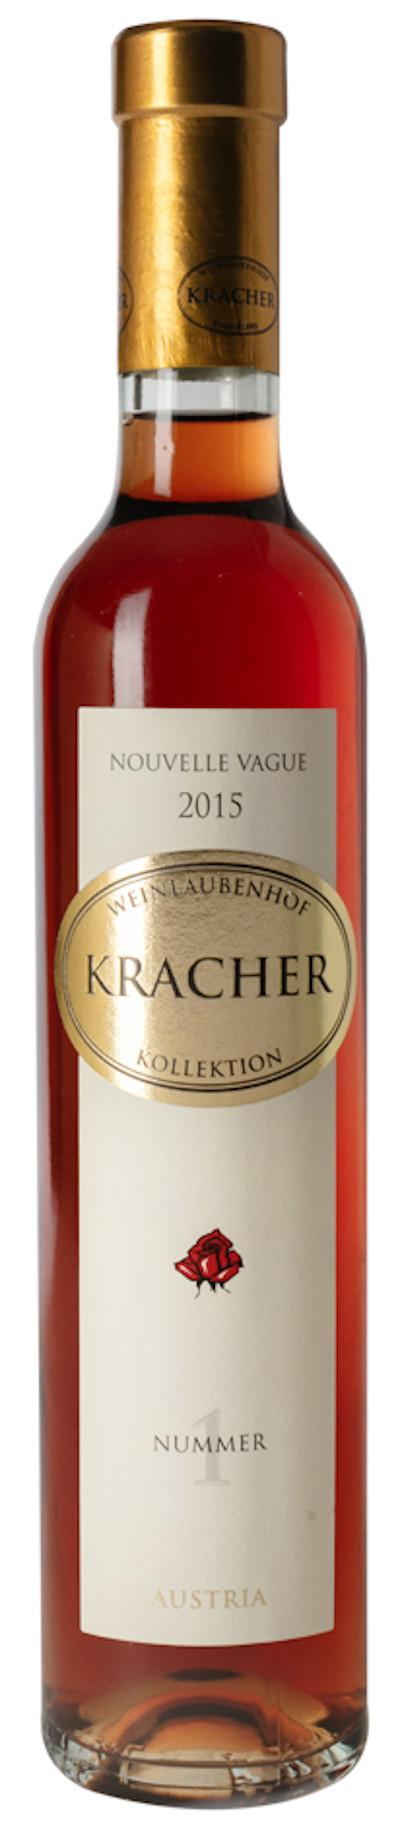 Kracher - Rosenmuskateller Trockenbeerenauslese Nr. 1 Nouvelle Vague